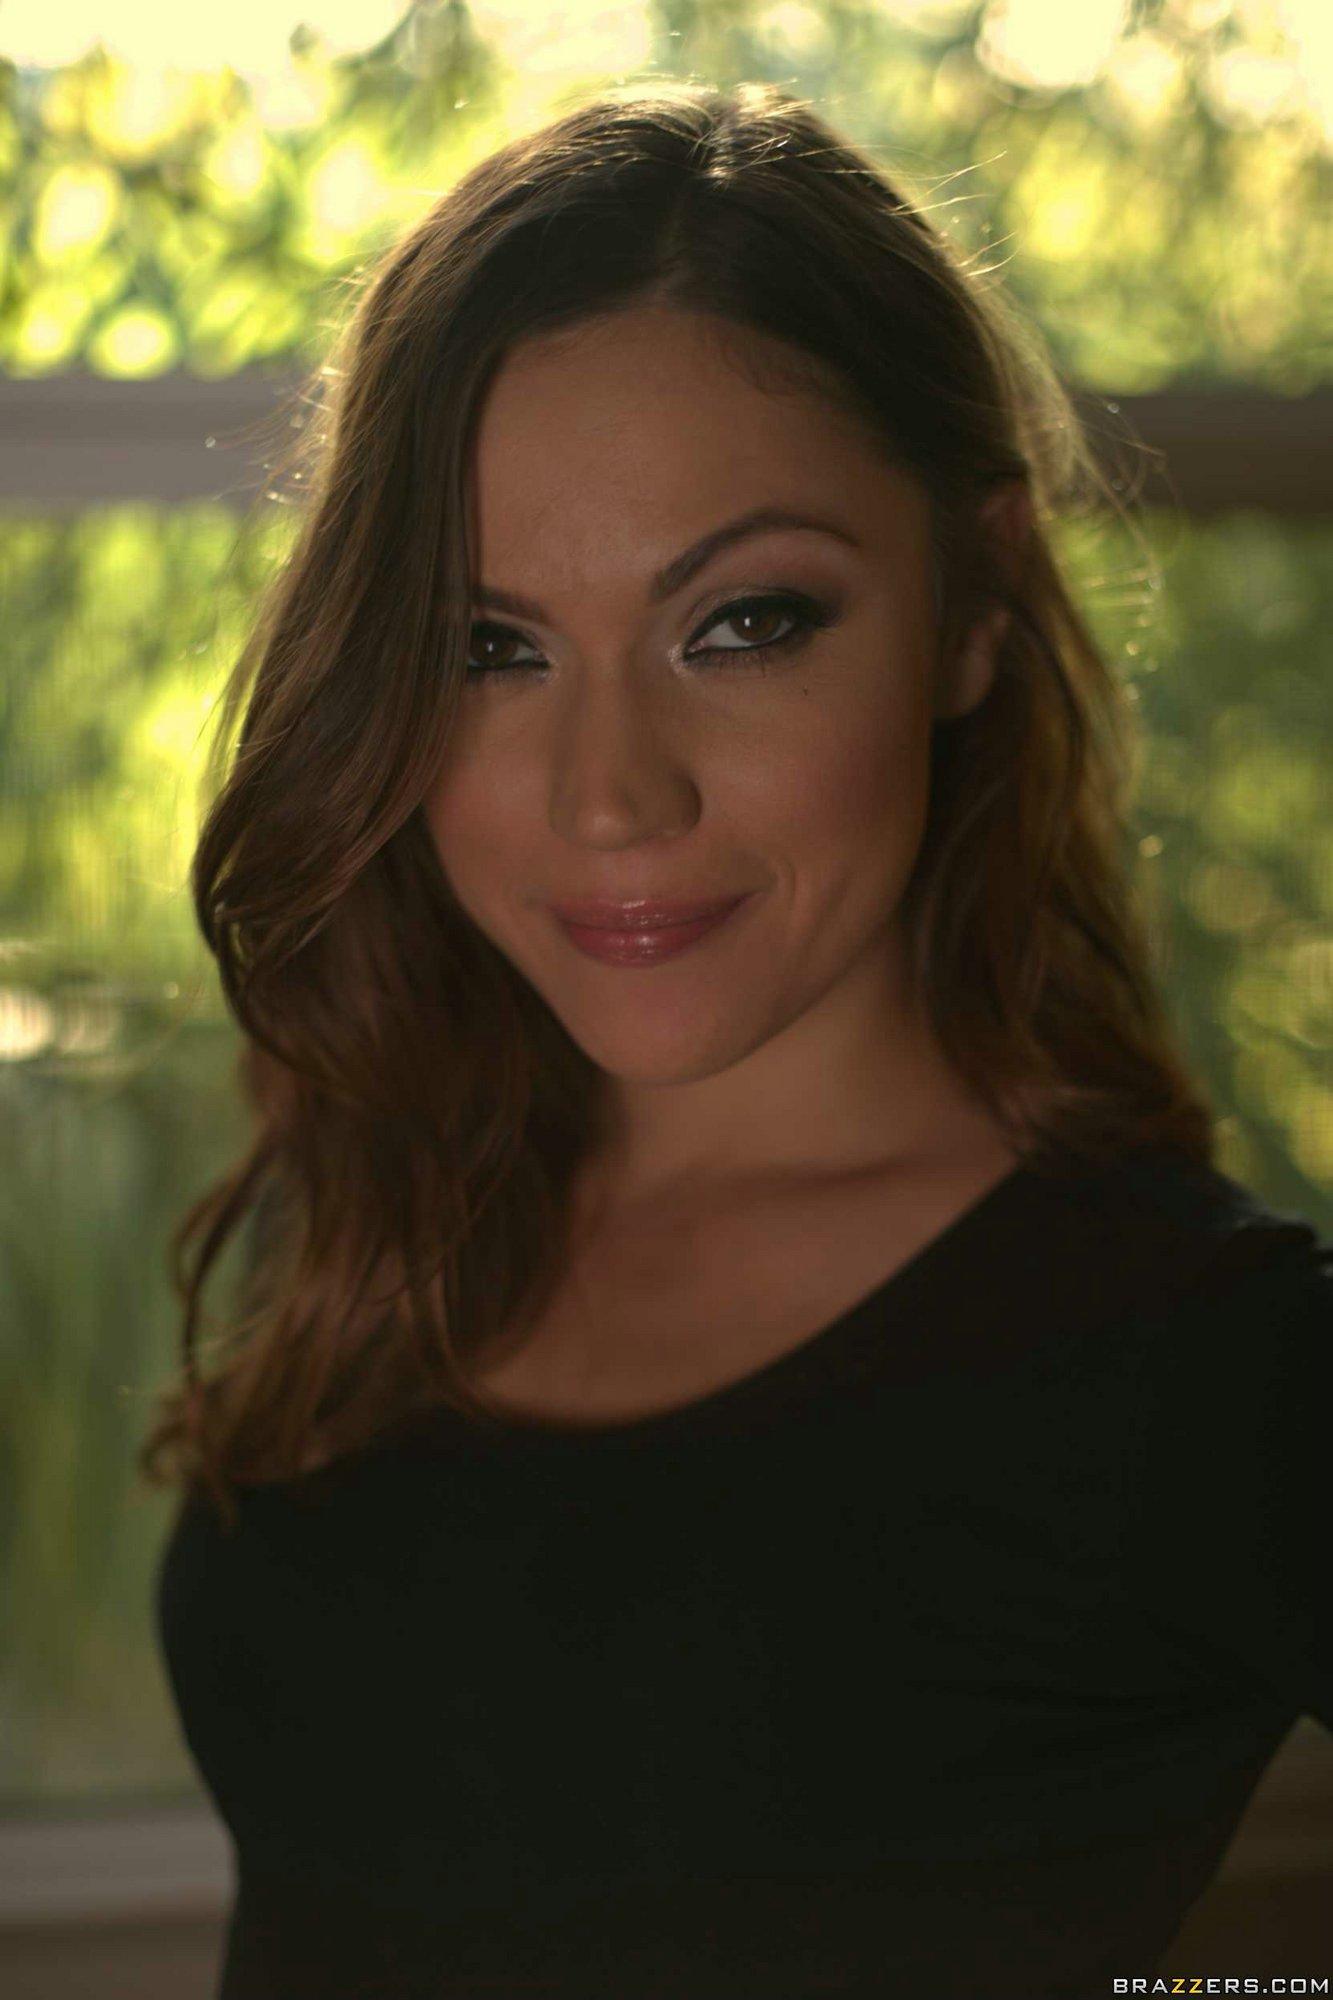 Alyssa Reece Nude Pics gorgeous brunette alyssa reece getting nude - my pornstar book